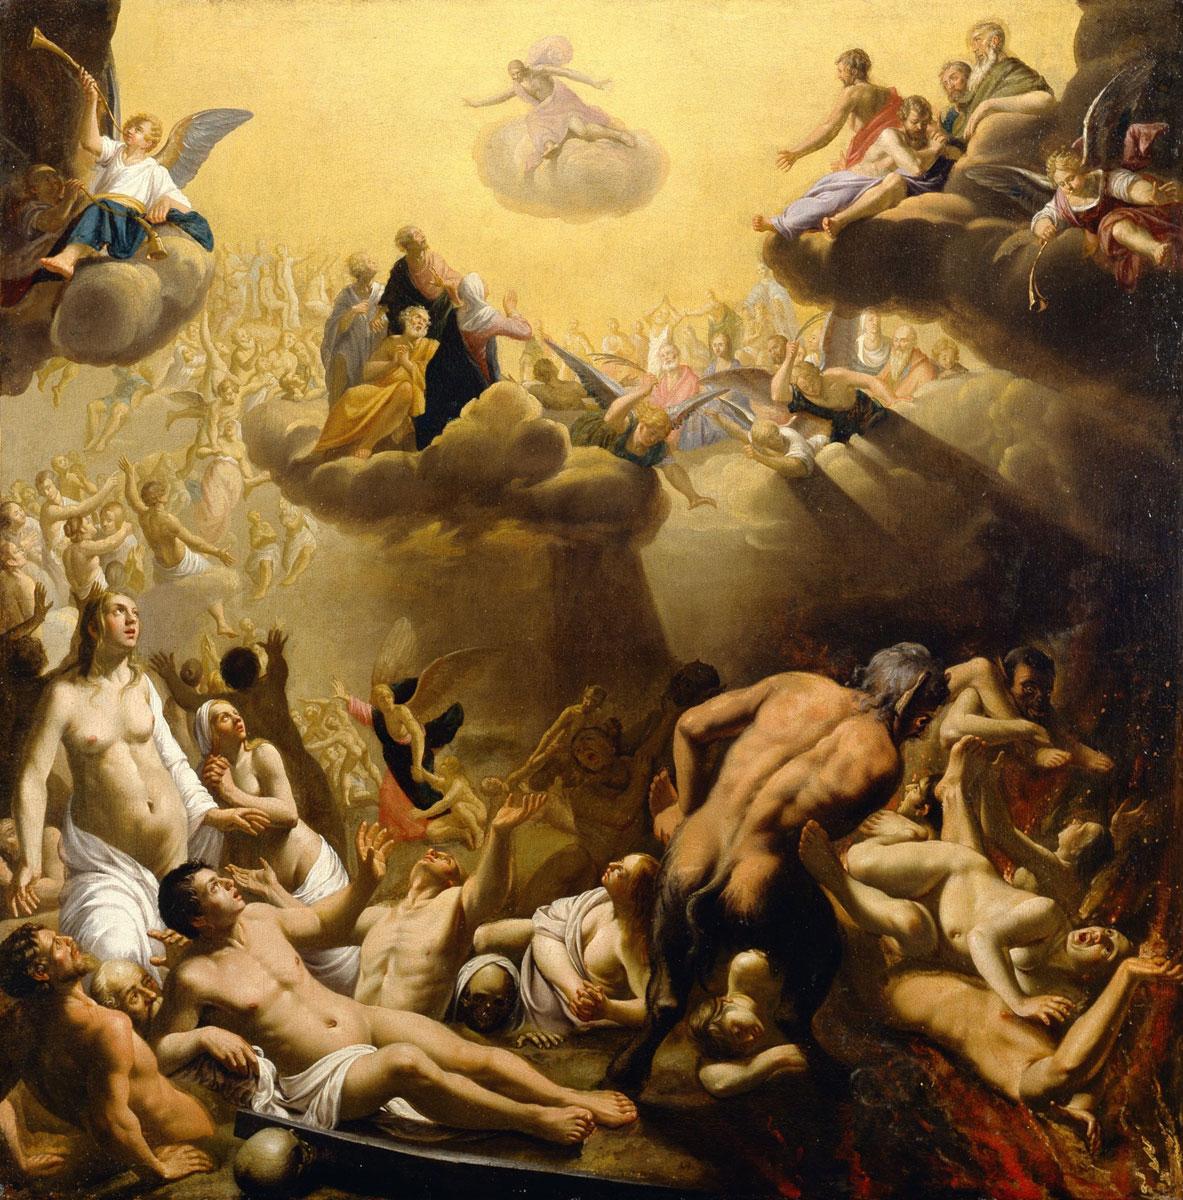 """Nicolaes Eliasz, genannt Pickenoy, """"Das Jüngste Gericht"""", 1620er Jahre, Öl auf Leinwand, 103 x 102,5 cm, Suermondt-Ludwig-Museum, Aachen"""